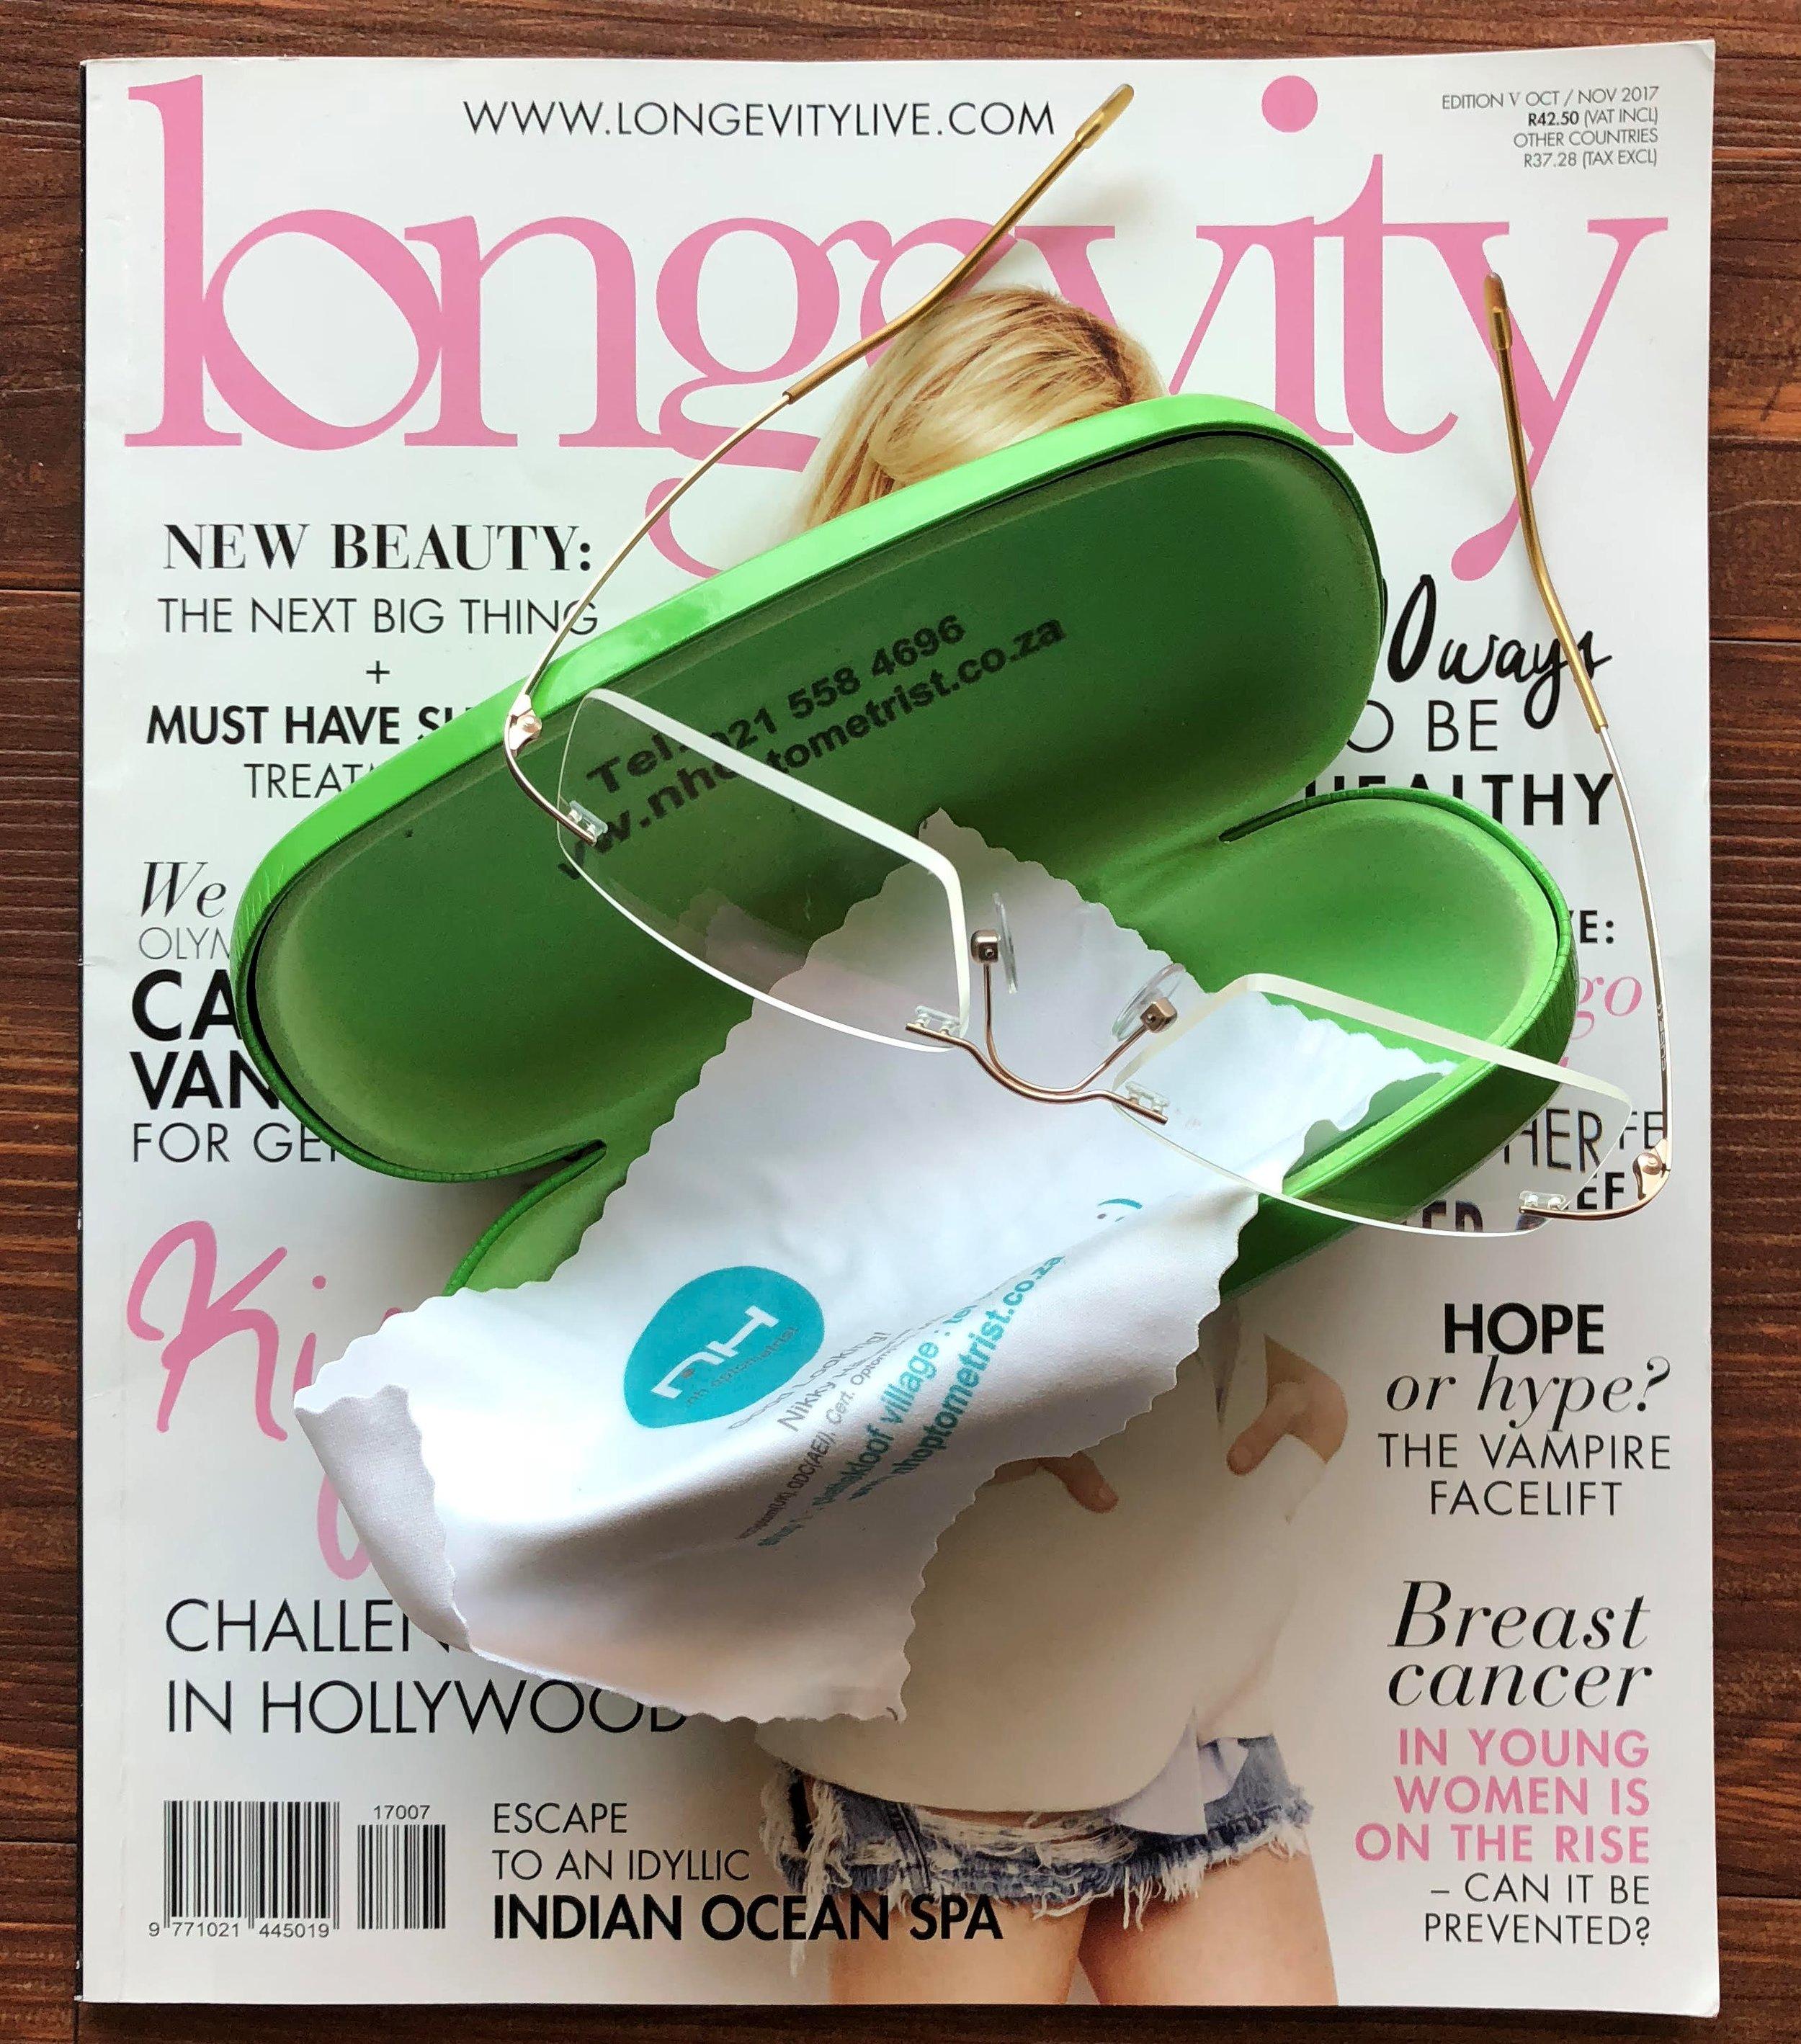 Longevity Magazine © Flyga Twiga LLC